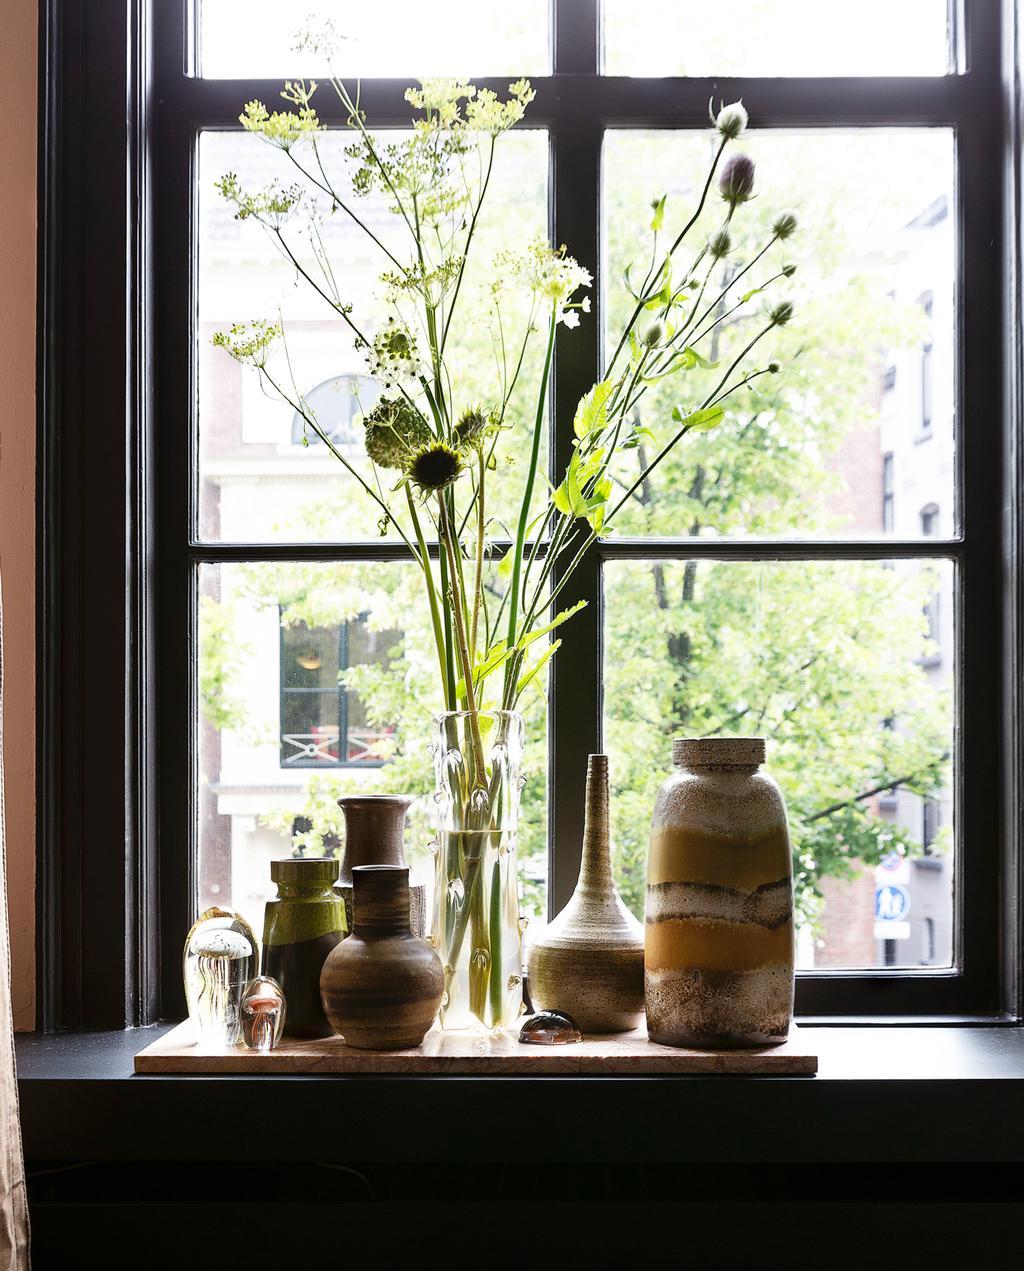 raamkozijn gedecoreerd met bloemen in vazen